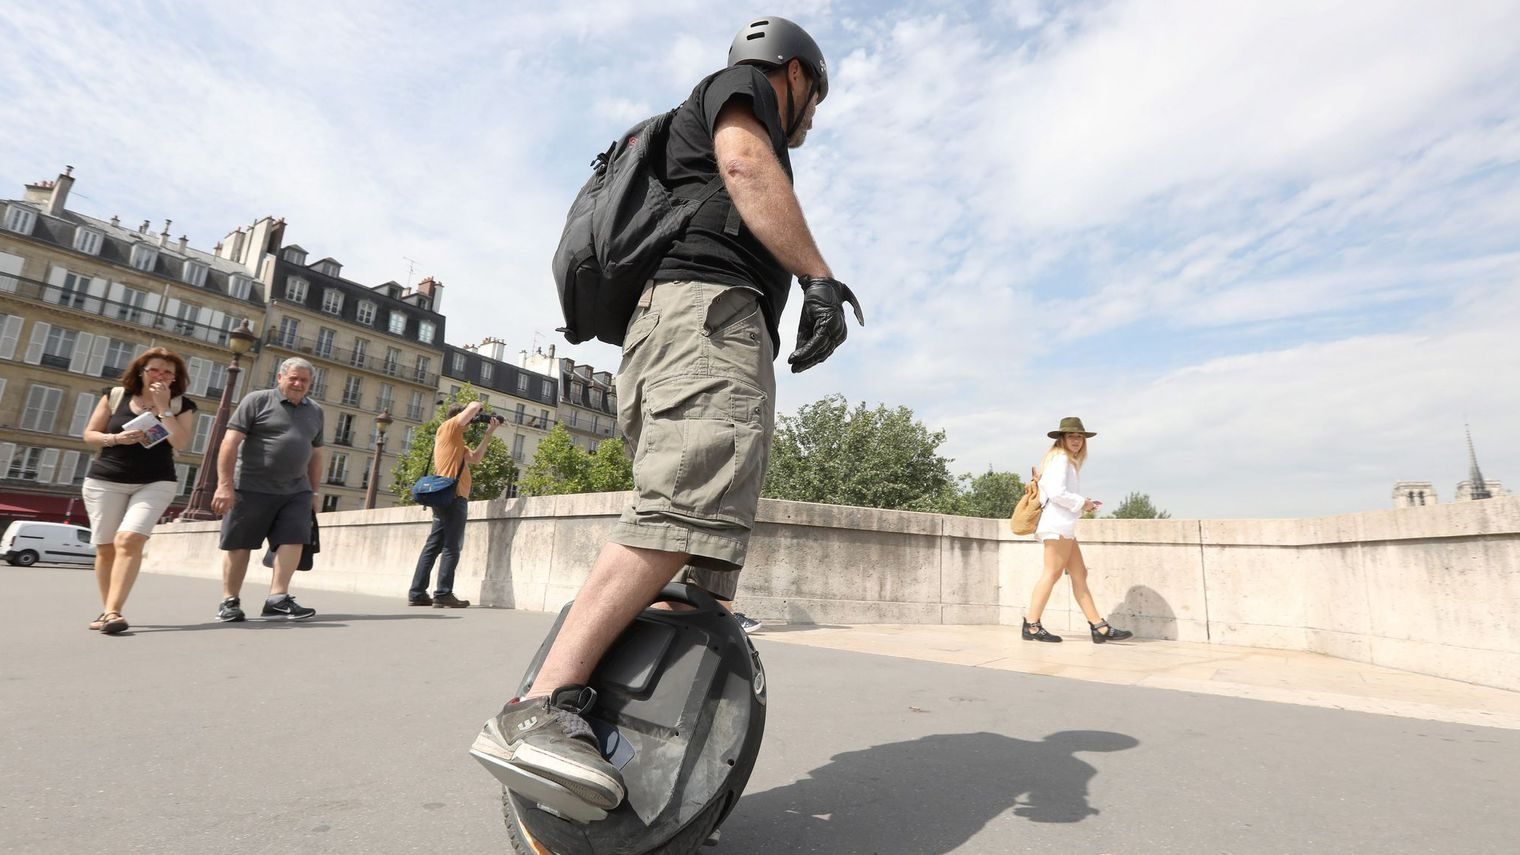 Trottinettes, monoroues, skateboards électriques… La roue réinventée